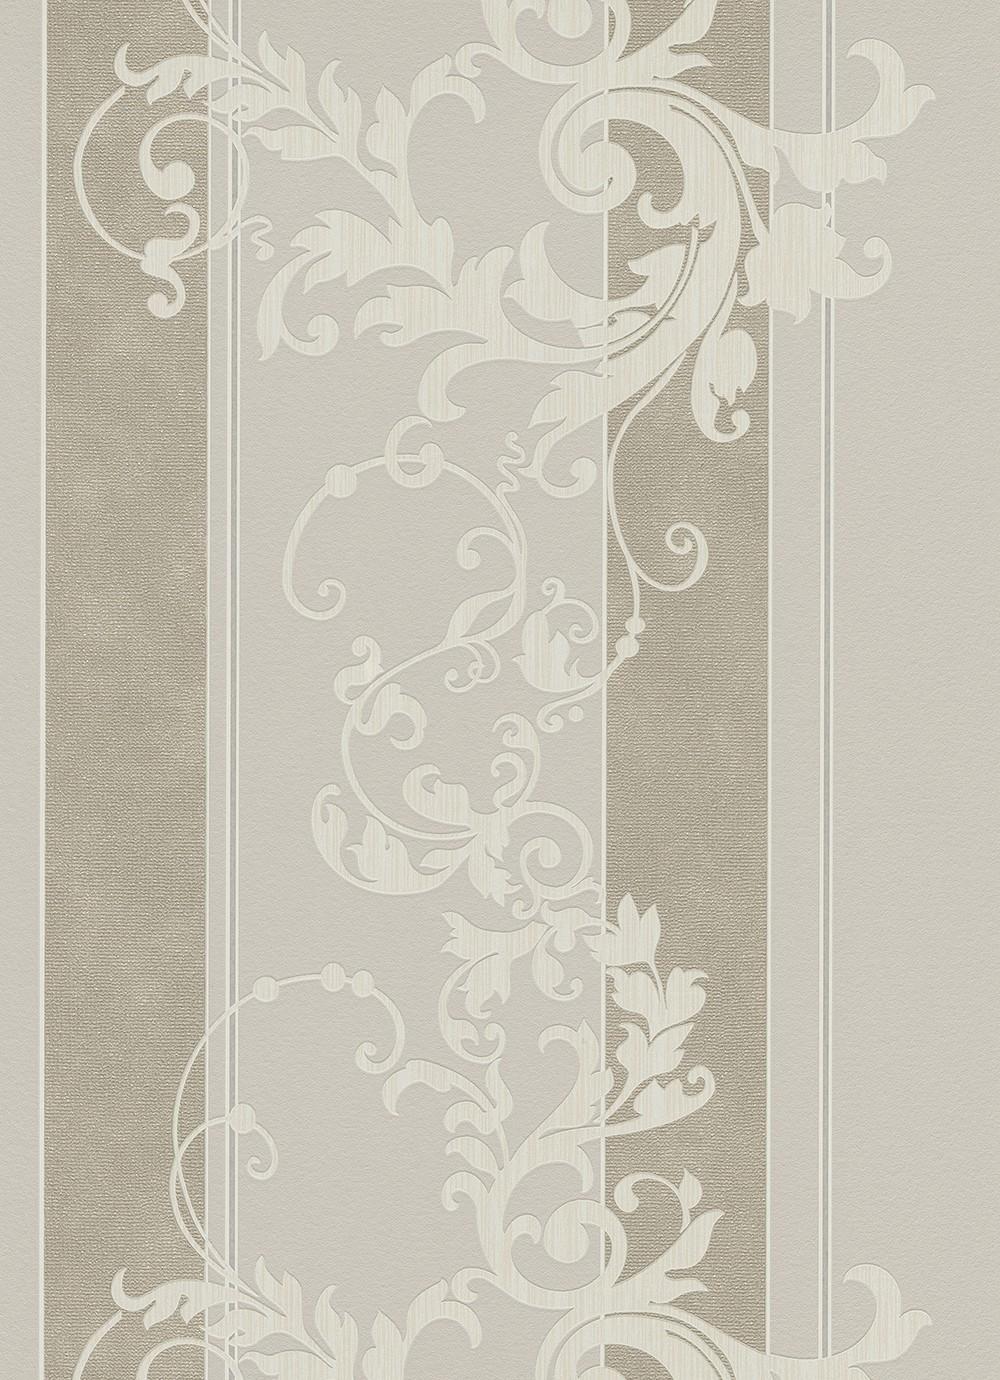 tapete wohnzimmer beige: Tapete Myself Vliestapete 6858-38 685838 Streifen Barock beige creme